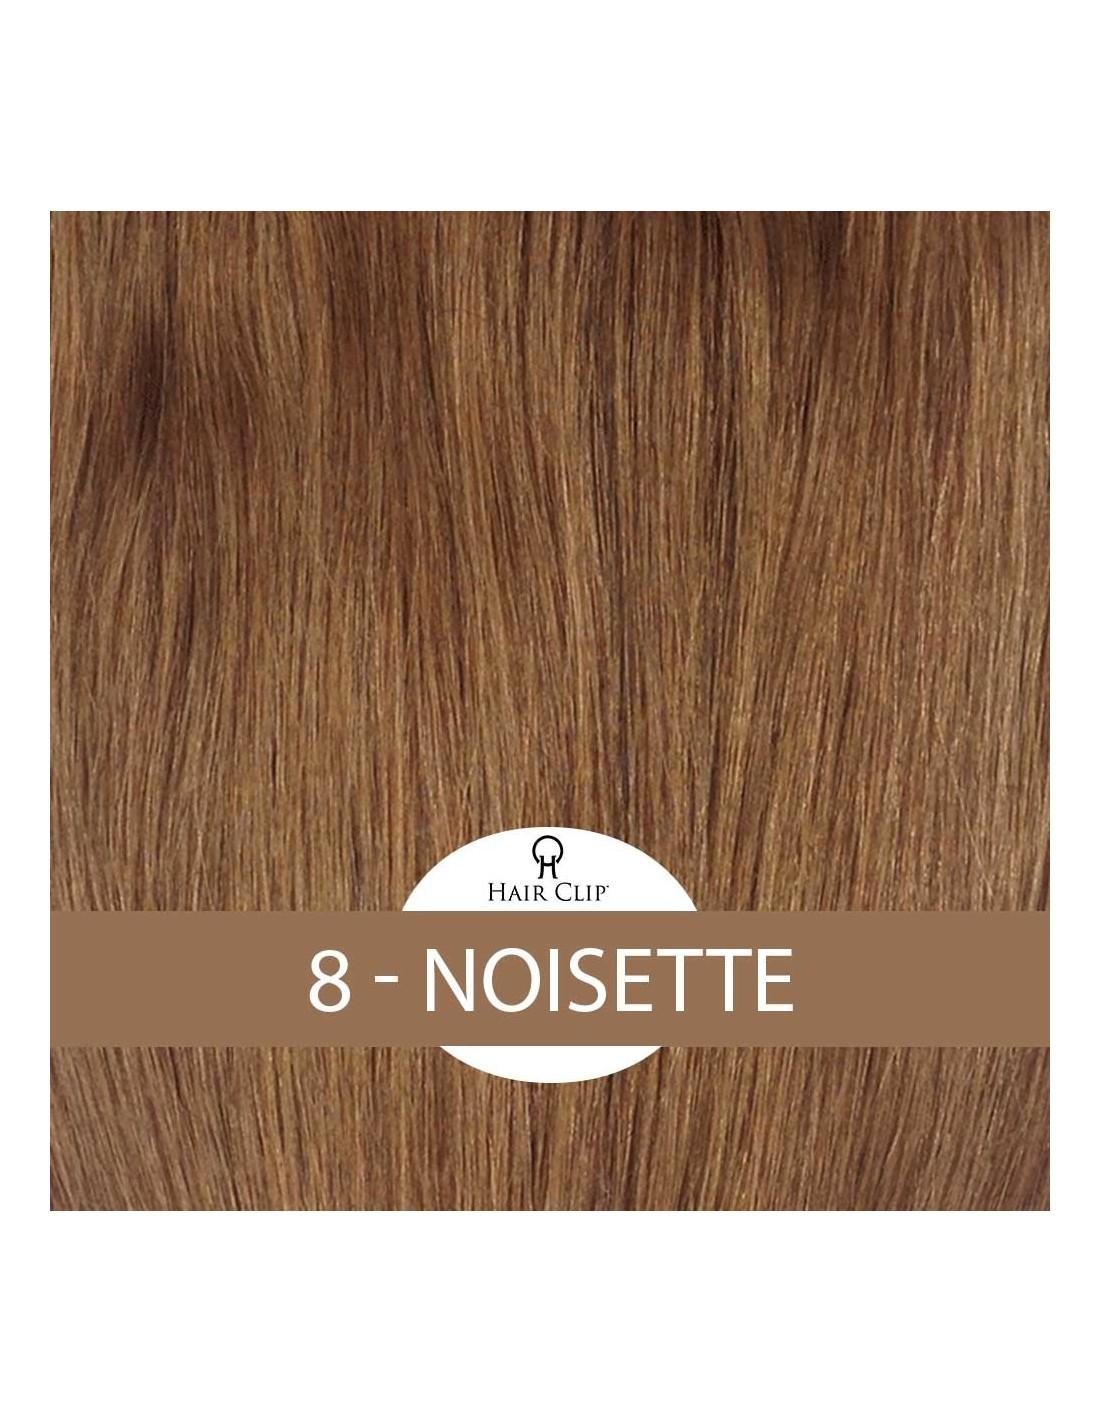 Nuancier De Cheveux Hair Clip Regroupe Toutes Les